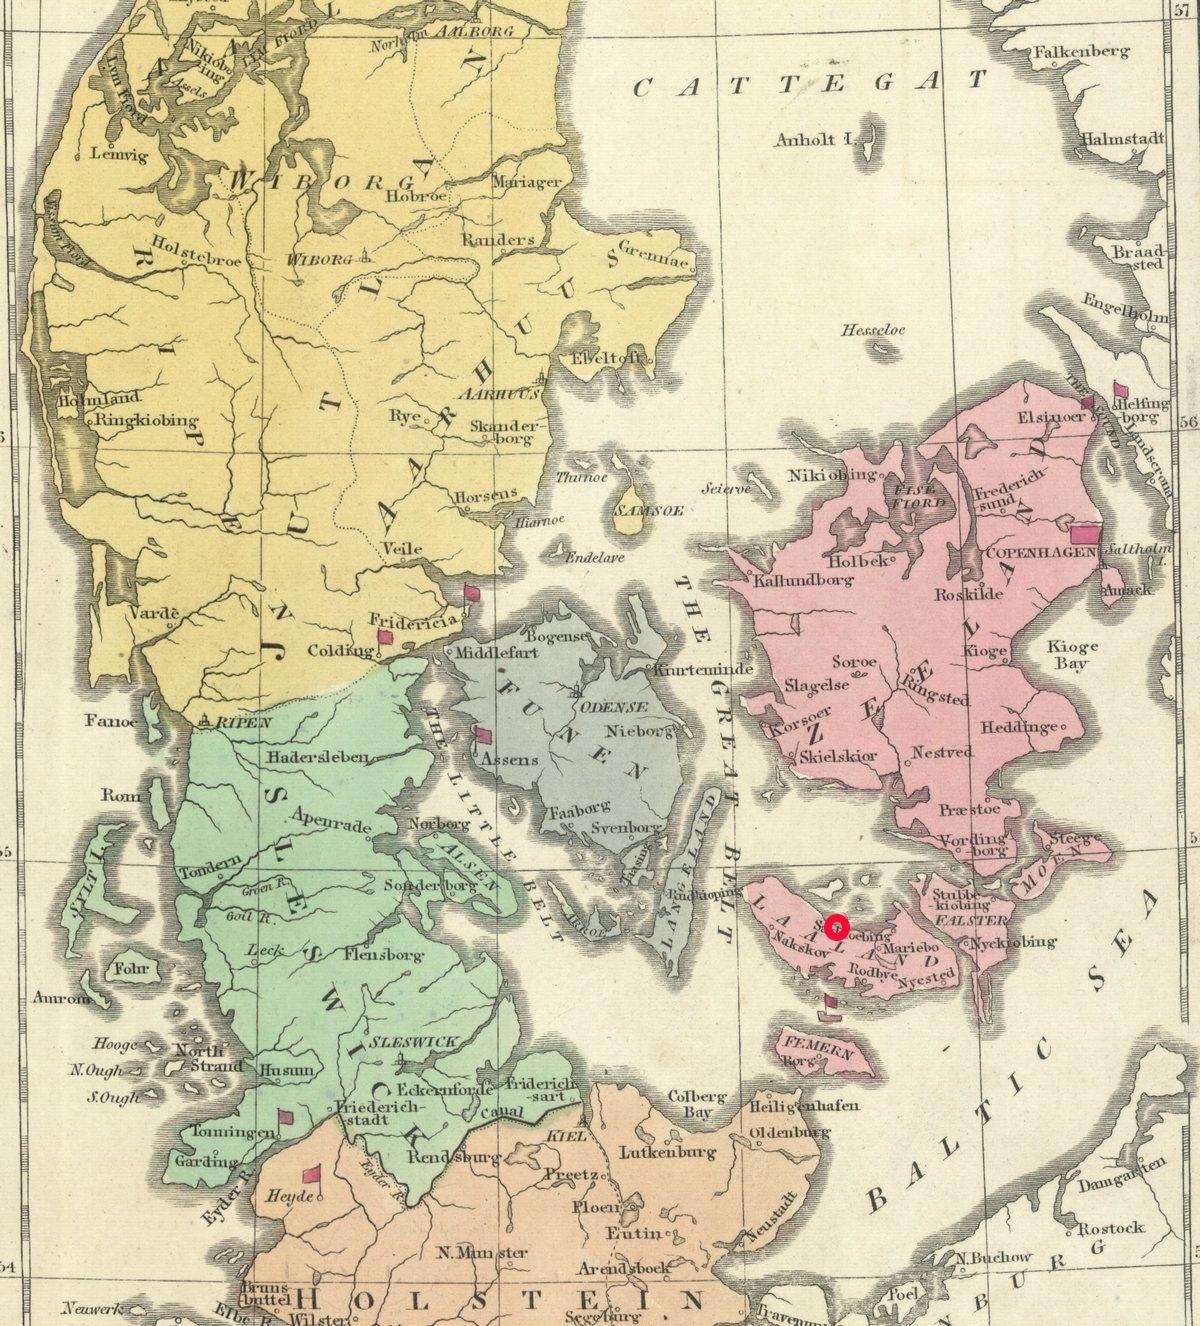 Rejs do duńskiego Bandholm (zaznaczone na mapie czerwonym kółkiem) miał trwać maksymalnie dwa dni. Rzeczywistość okazała się jednak zupełnie inna.